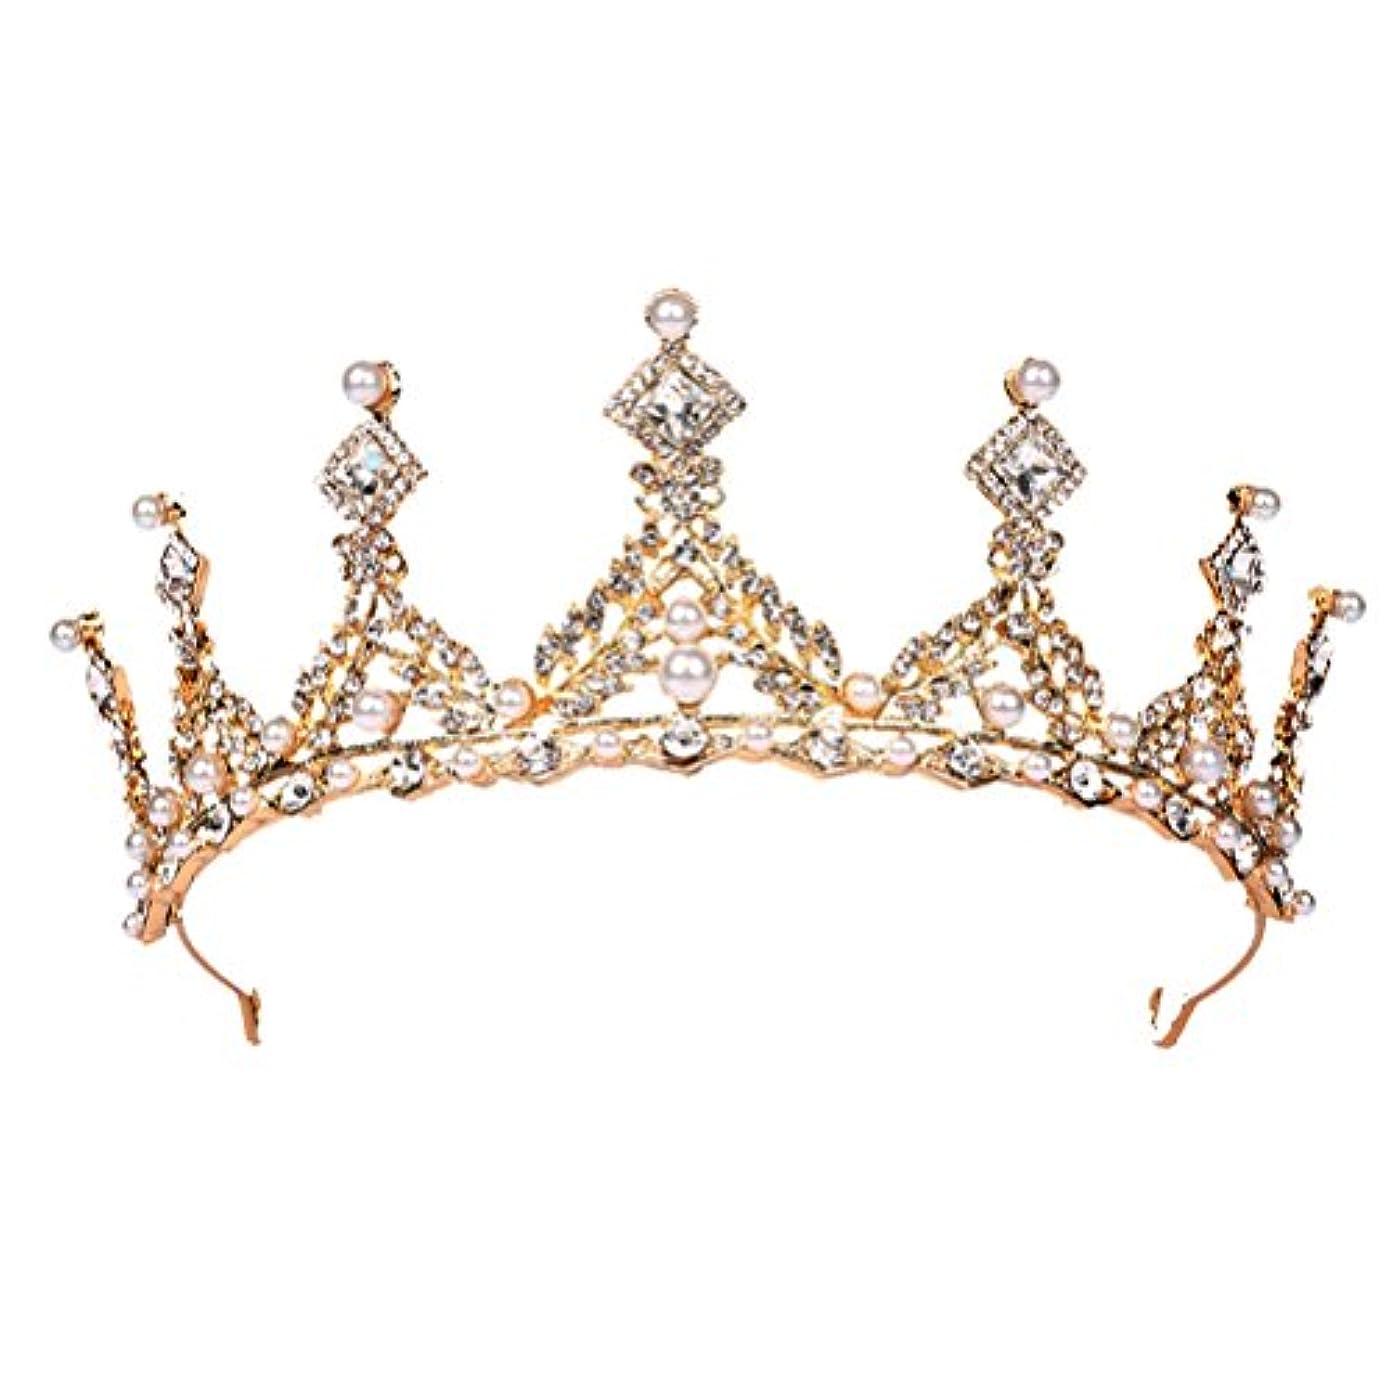 分子夜明けに今日FENICAL ブライダル ティアラ ヘアバンド 花嫁 結婚式 ウェディング 王冠 クラウン クリスタル 髪飾り ヘアアクセサリー(ゴールデン)